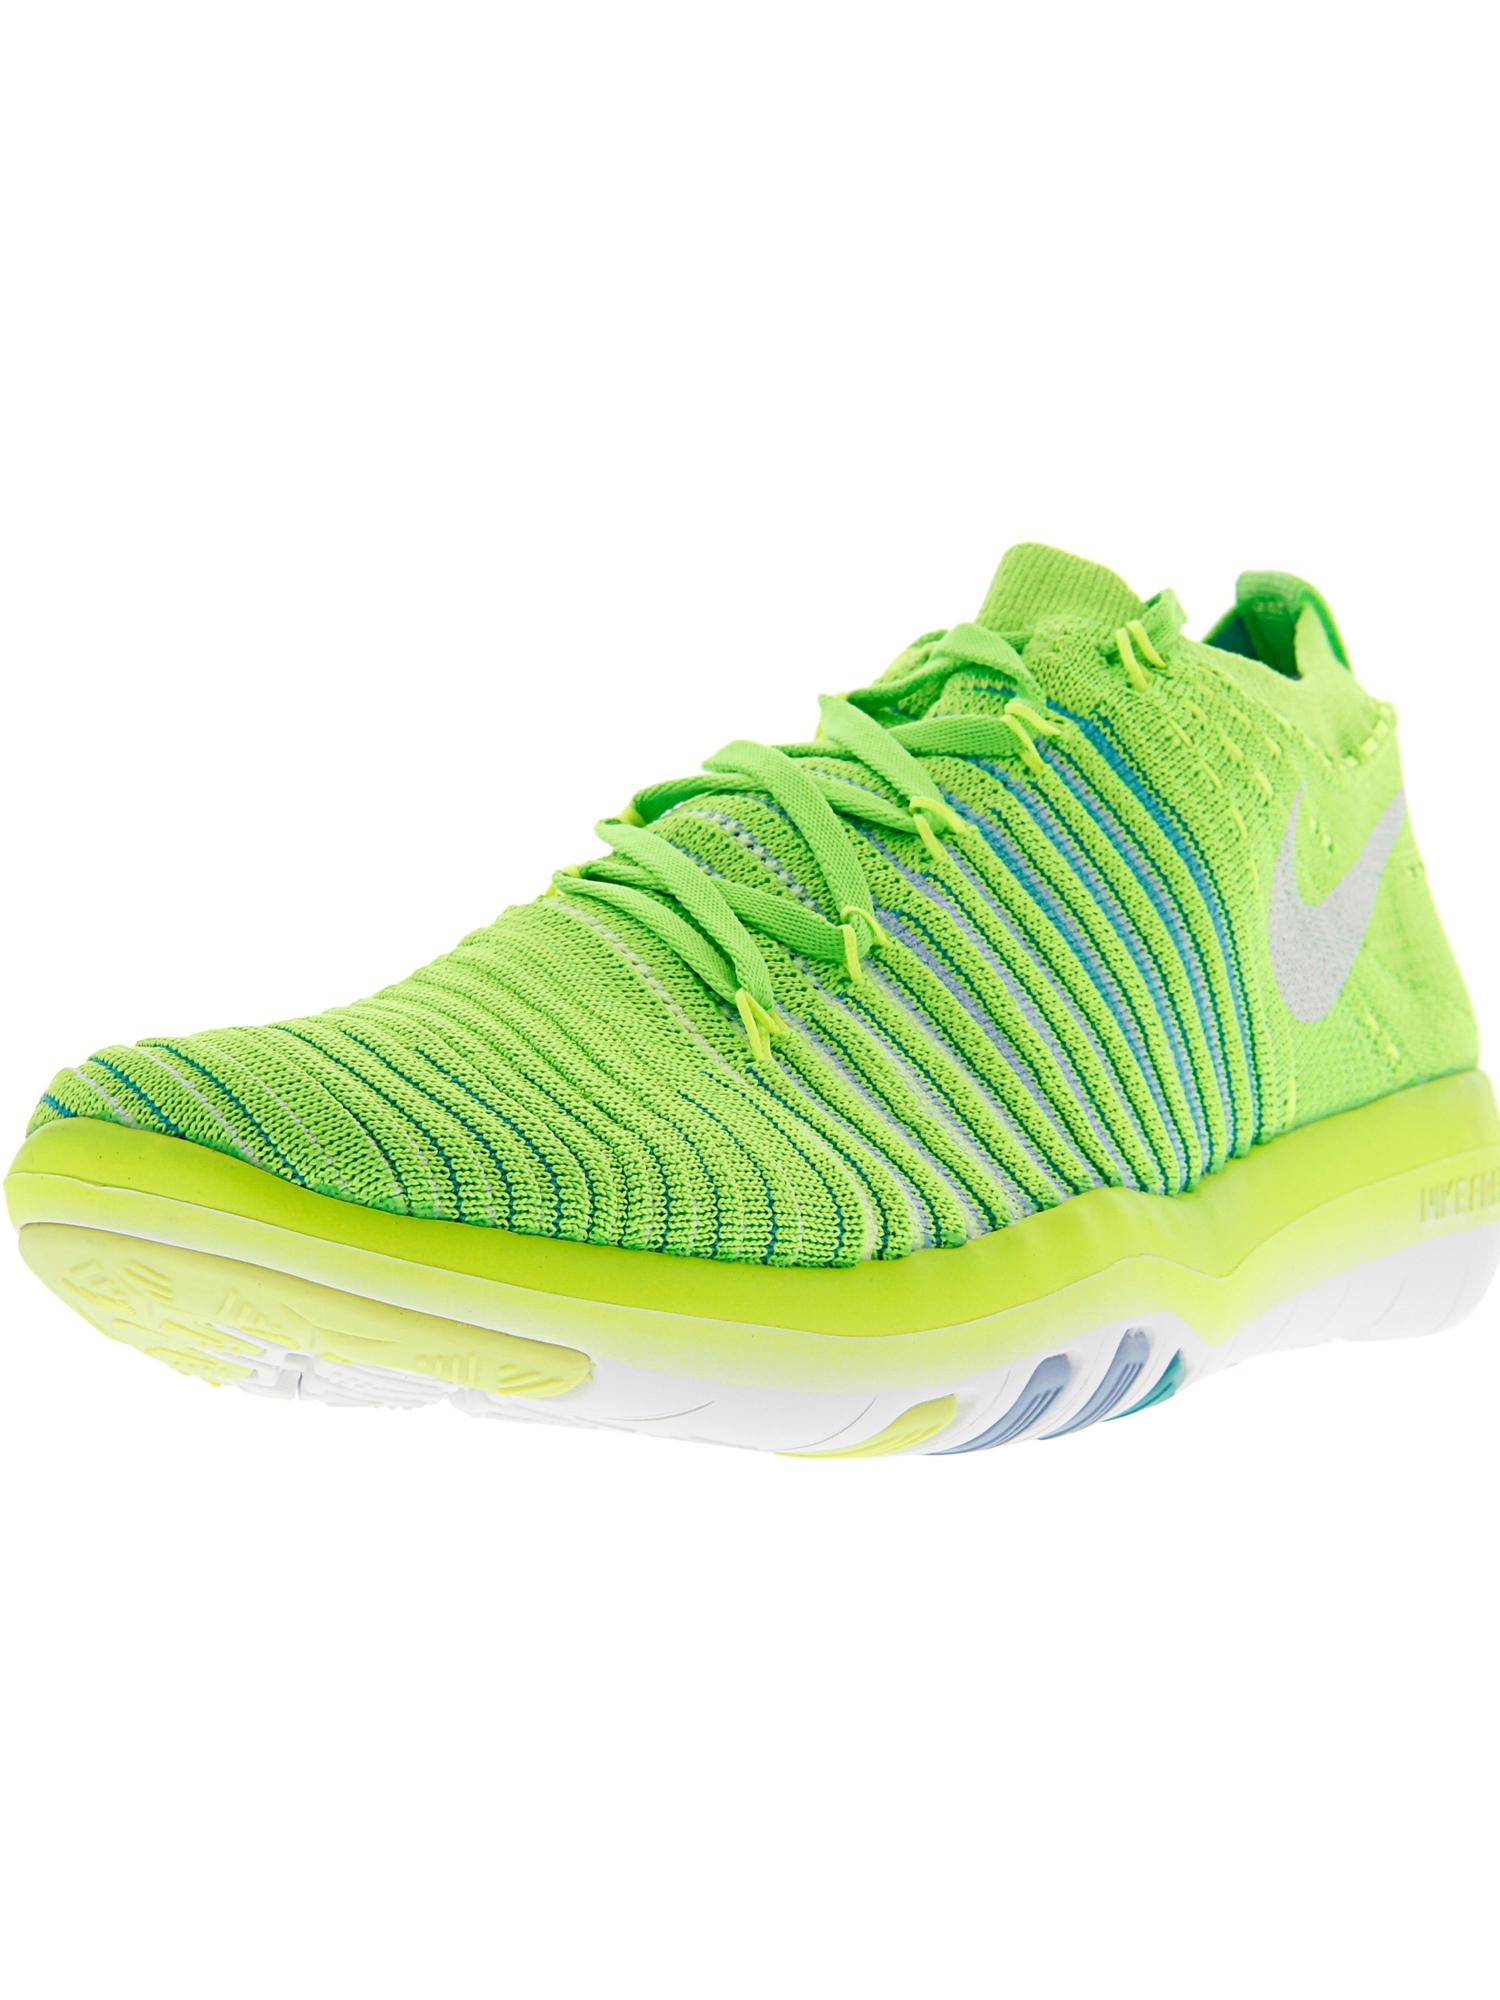 7c05d6511bdc Nike Women s Free Transform Flyknit Electric Green   White - Hyper ...